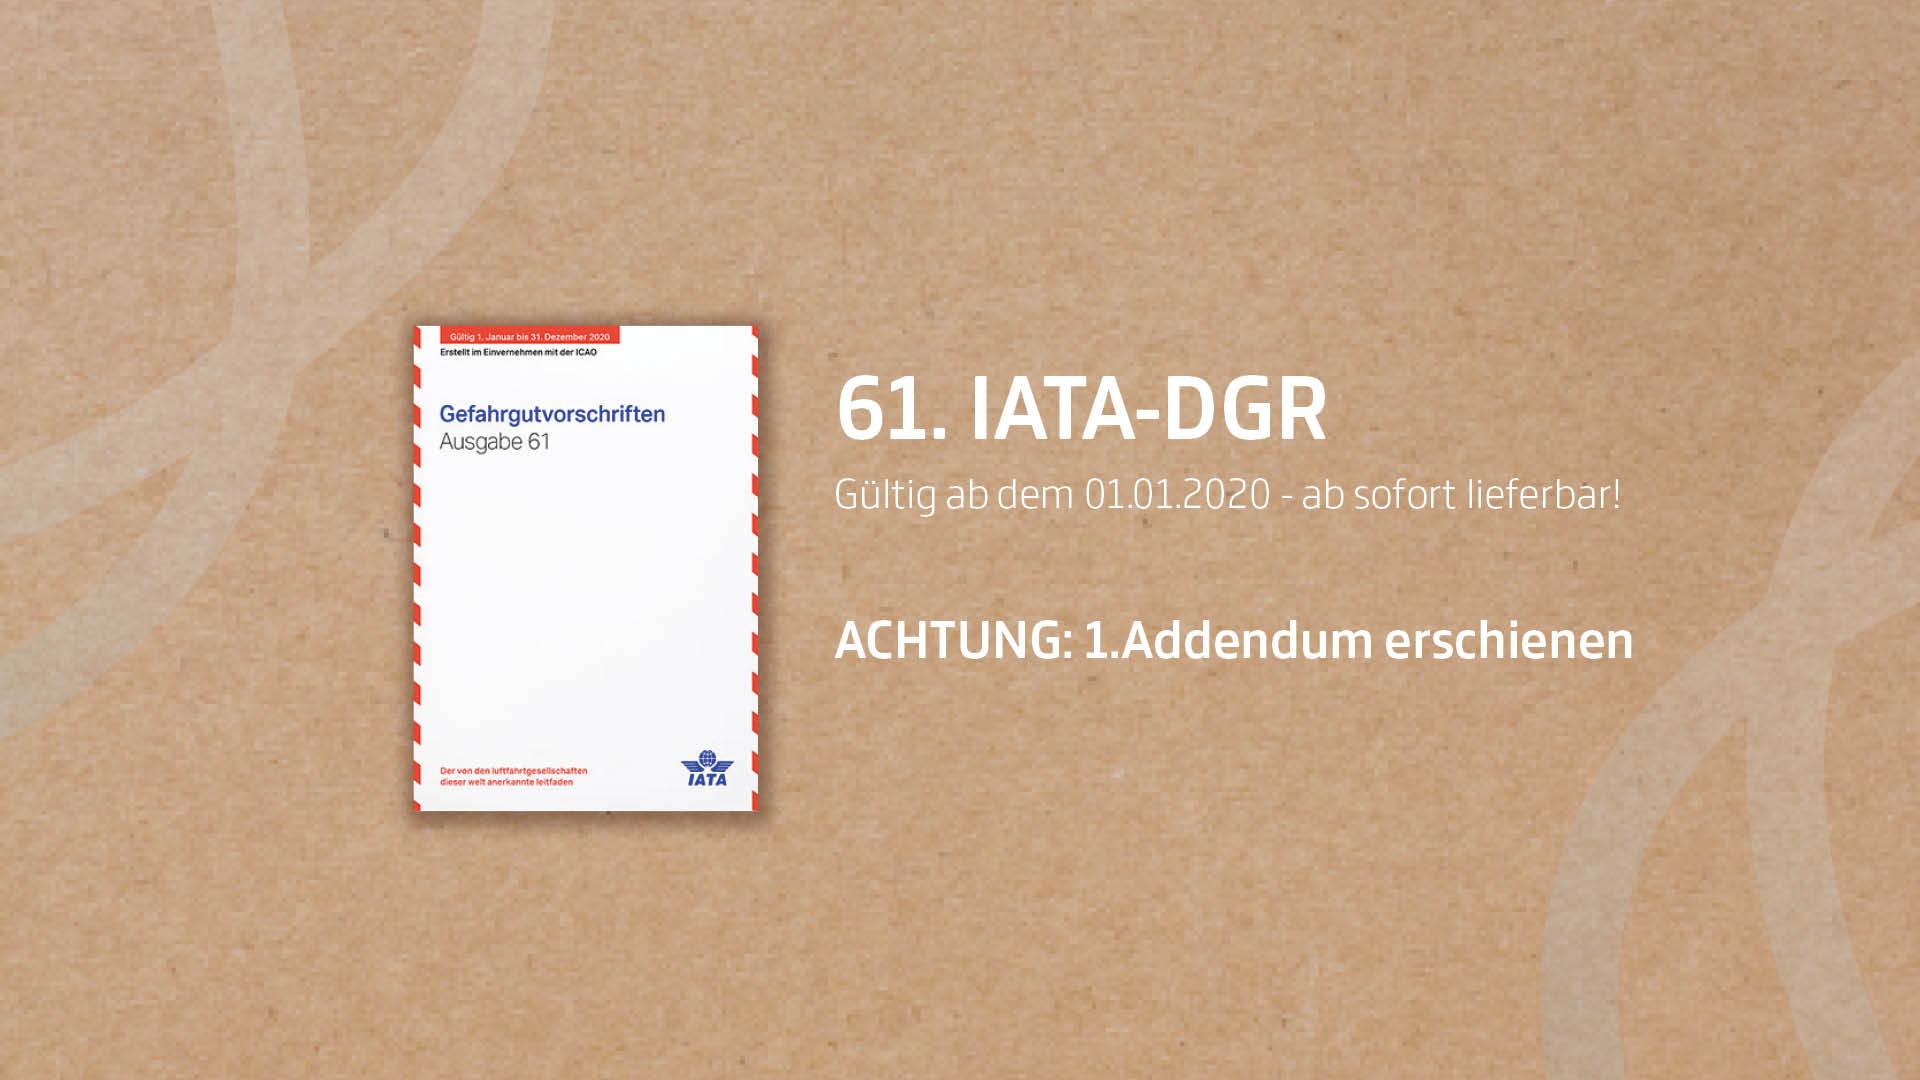 IATA DGR Gefahrgutvorschriften 2020 inkl. Addendum